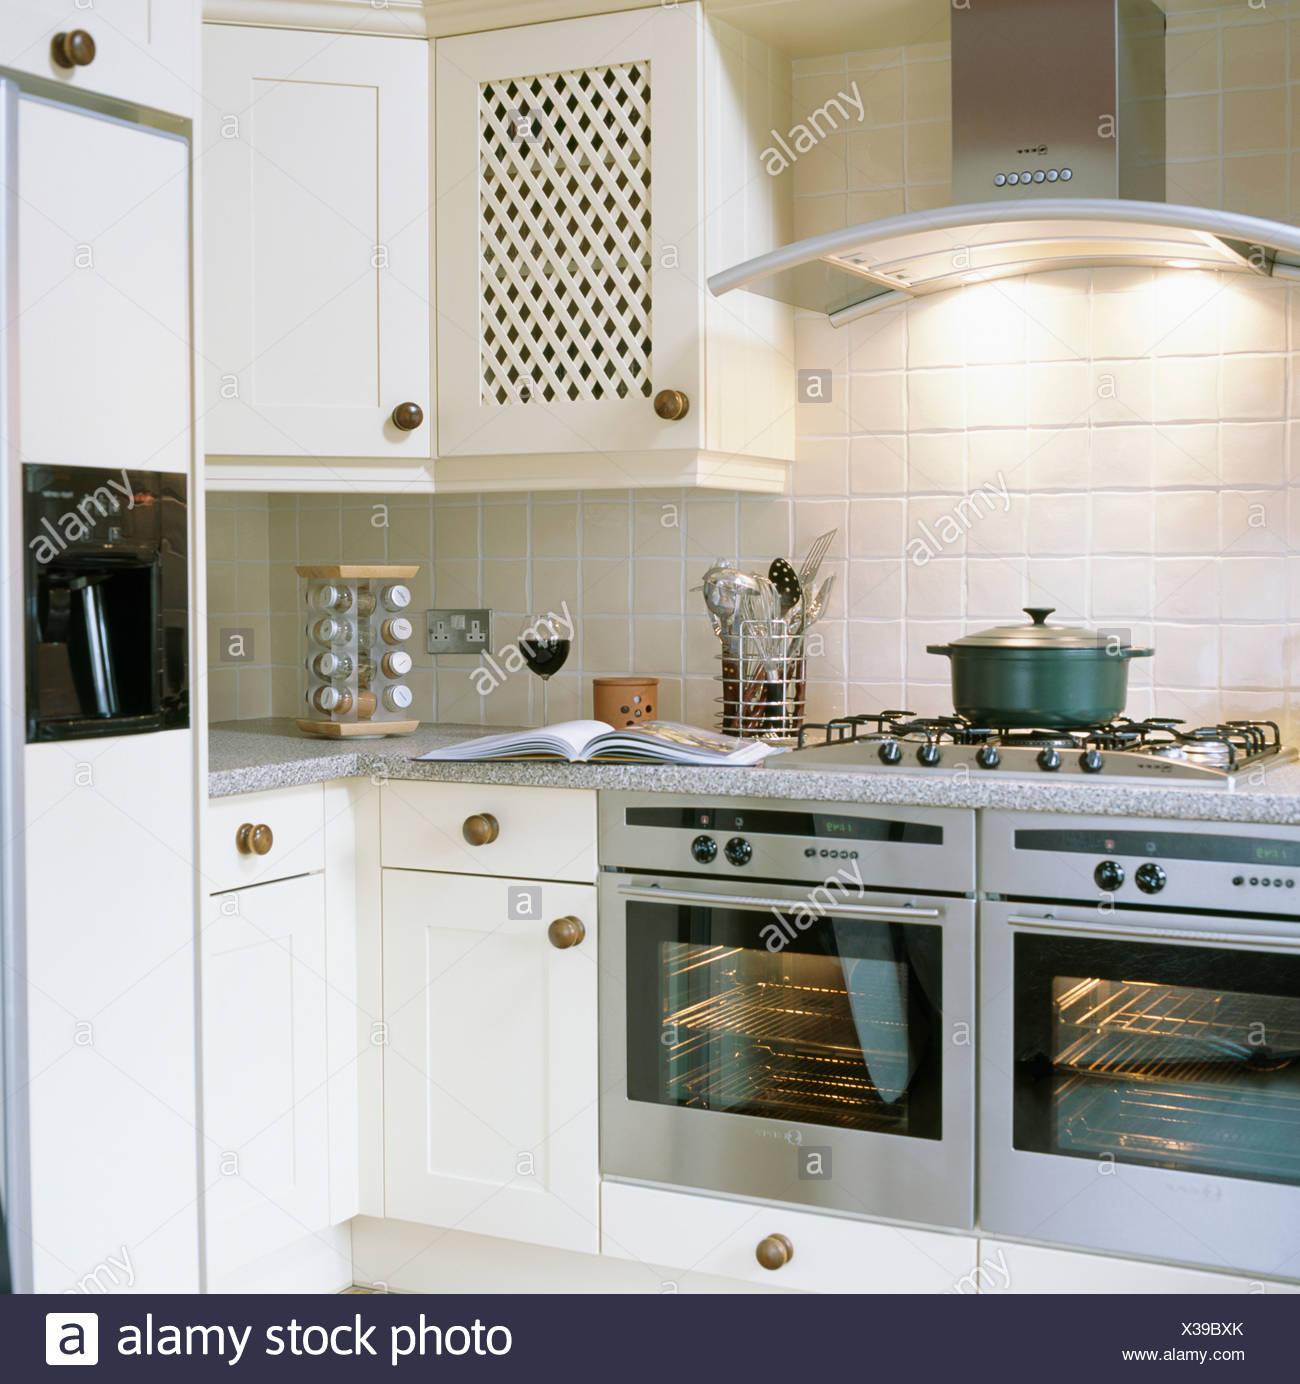 Küche Mit Amerikanischem Kühlschrank beleuchtete chrome extraktor über edelstahl doppel öfen in weiße